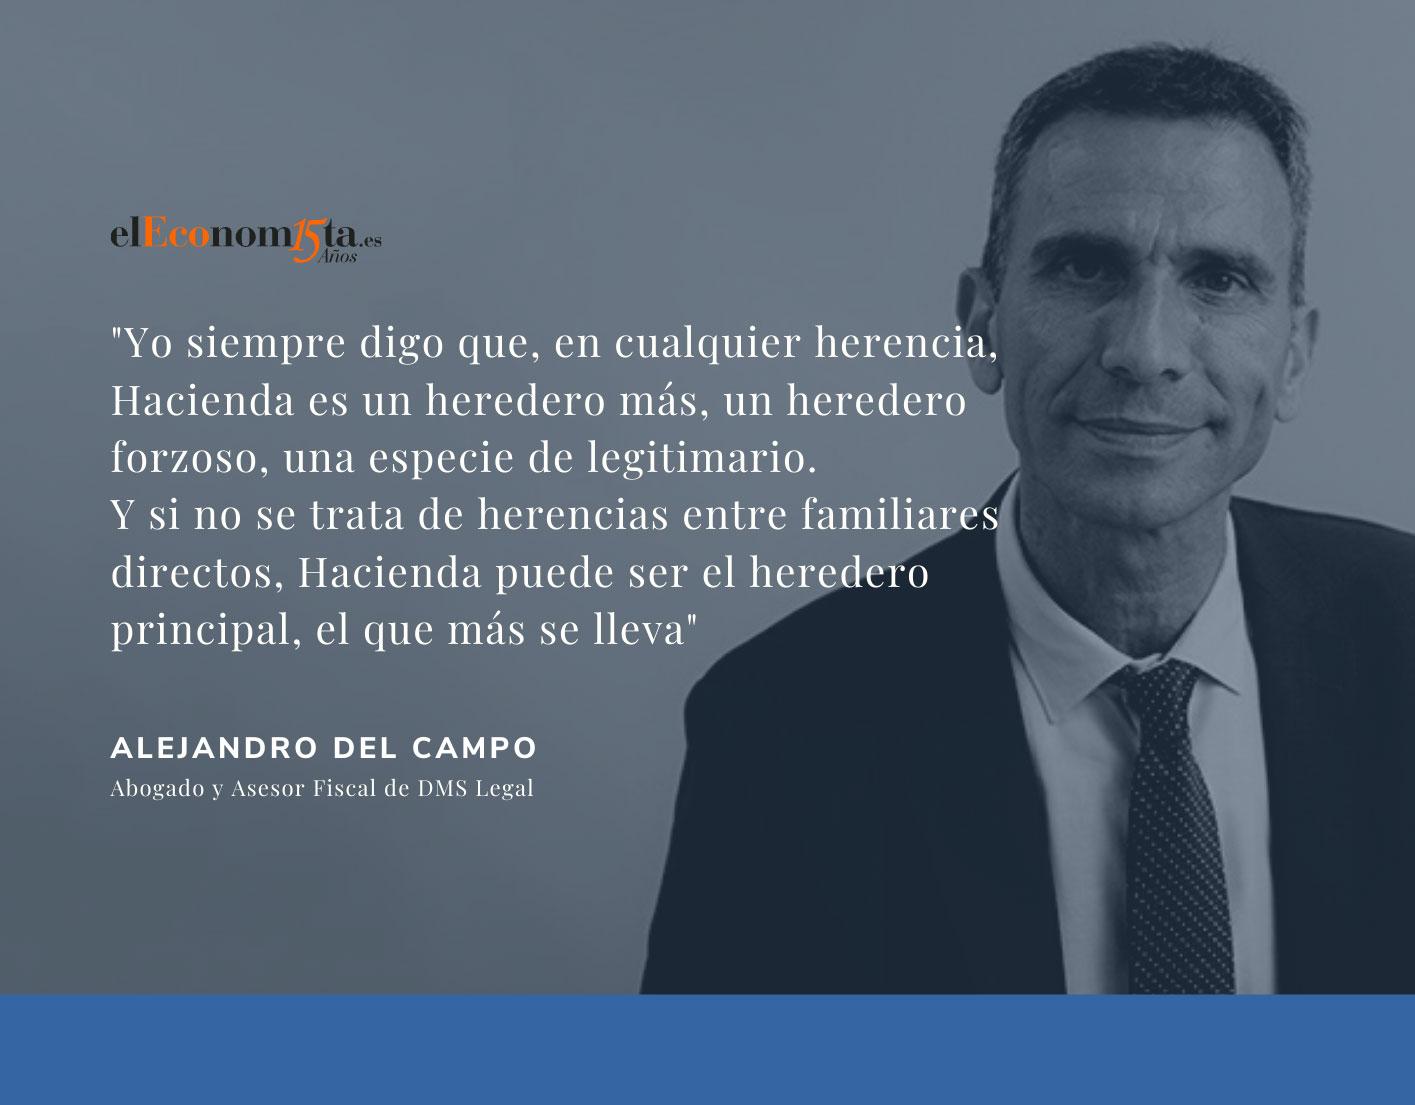 Alejandro del Campo opina en El Economista. España mantiene el mayor Impuesto sobre Sucesiones con tasas que alcanzan hasta el 81,6%